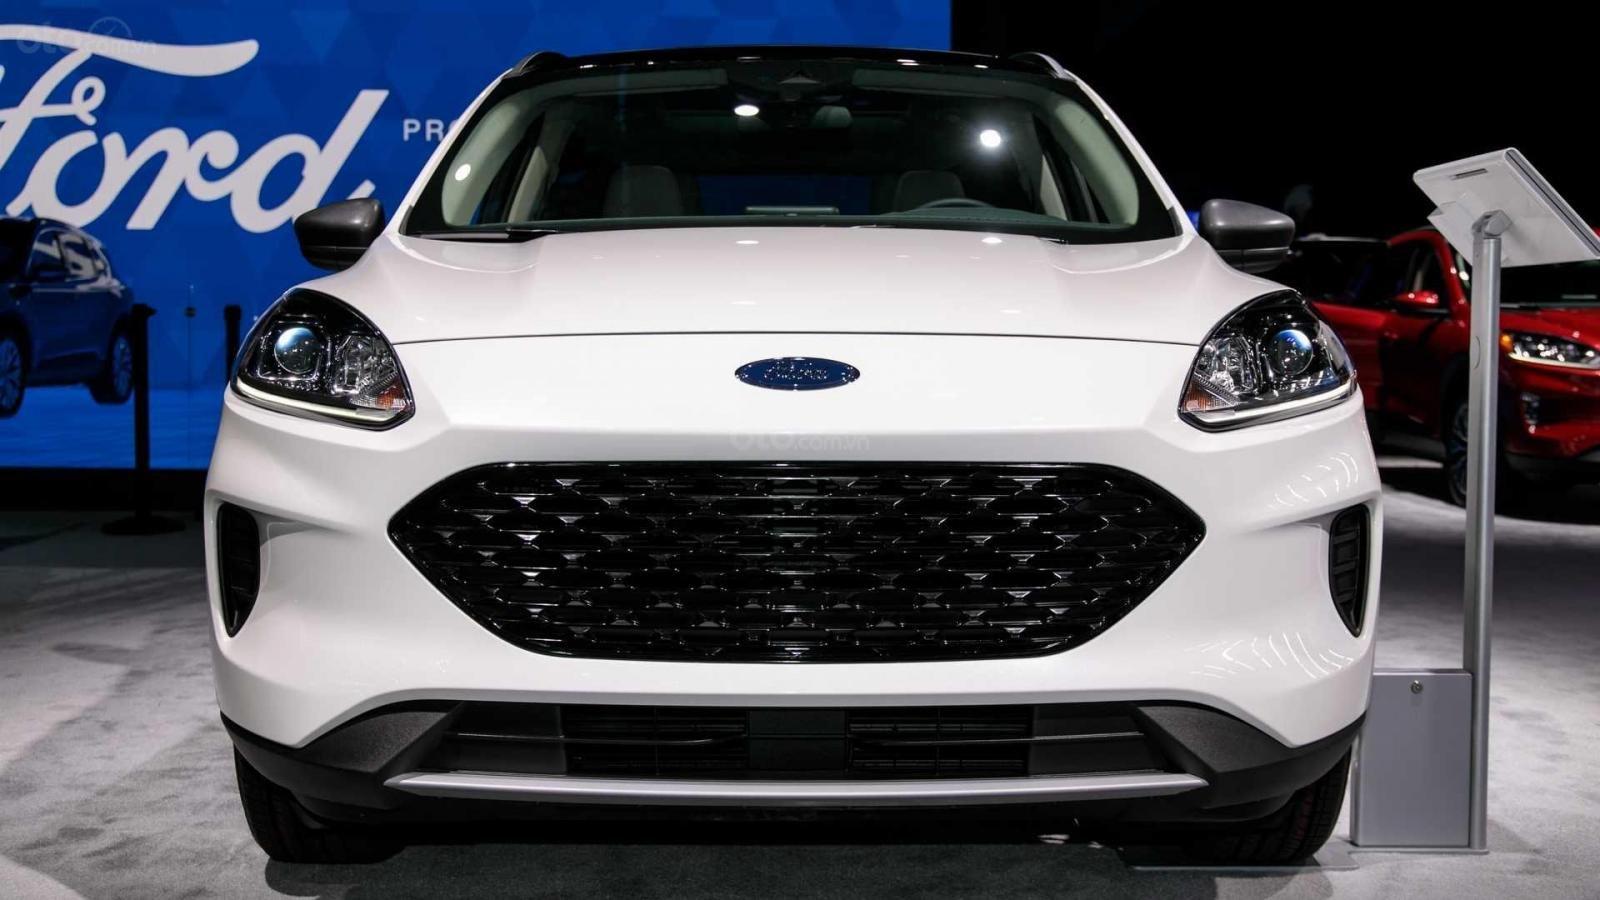 Phân biệt xe Ford Escape 2020 và đời cũ qua ảnh a1